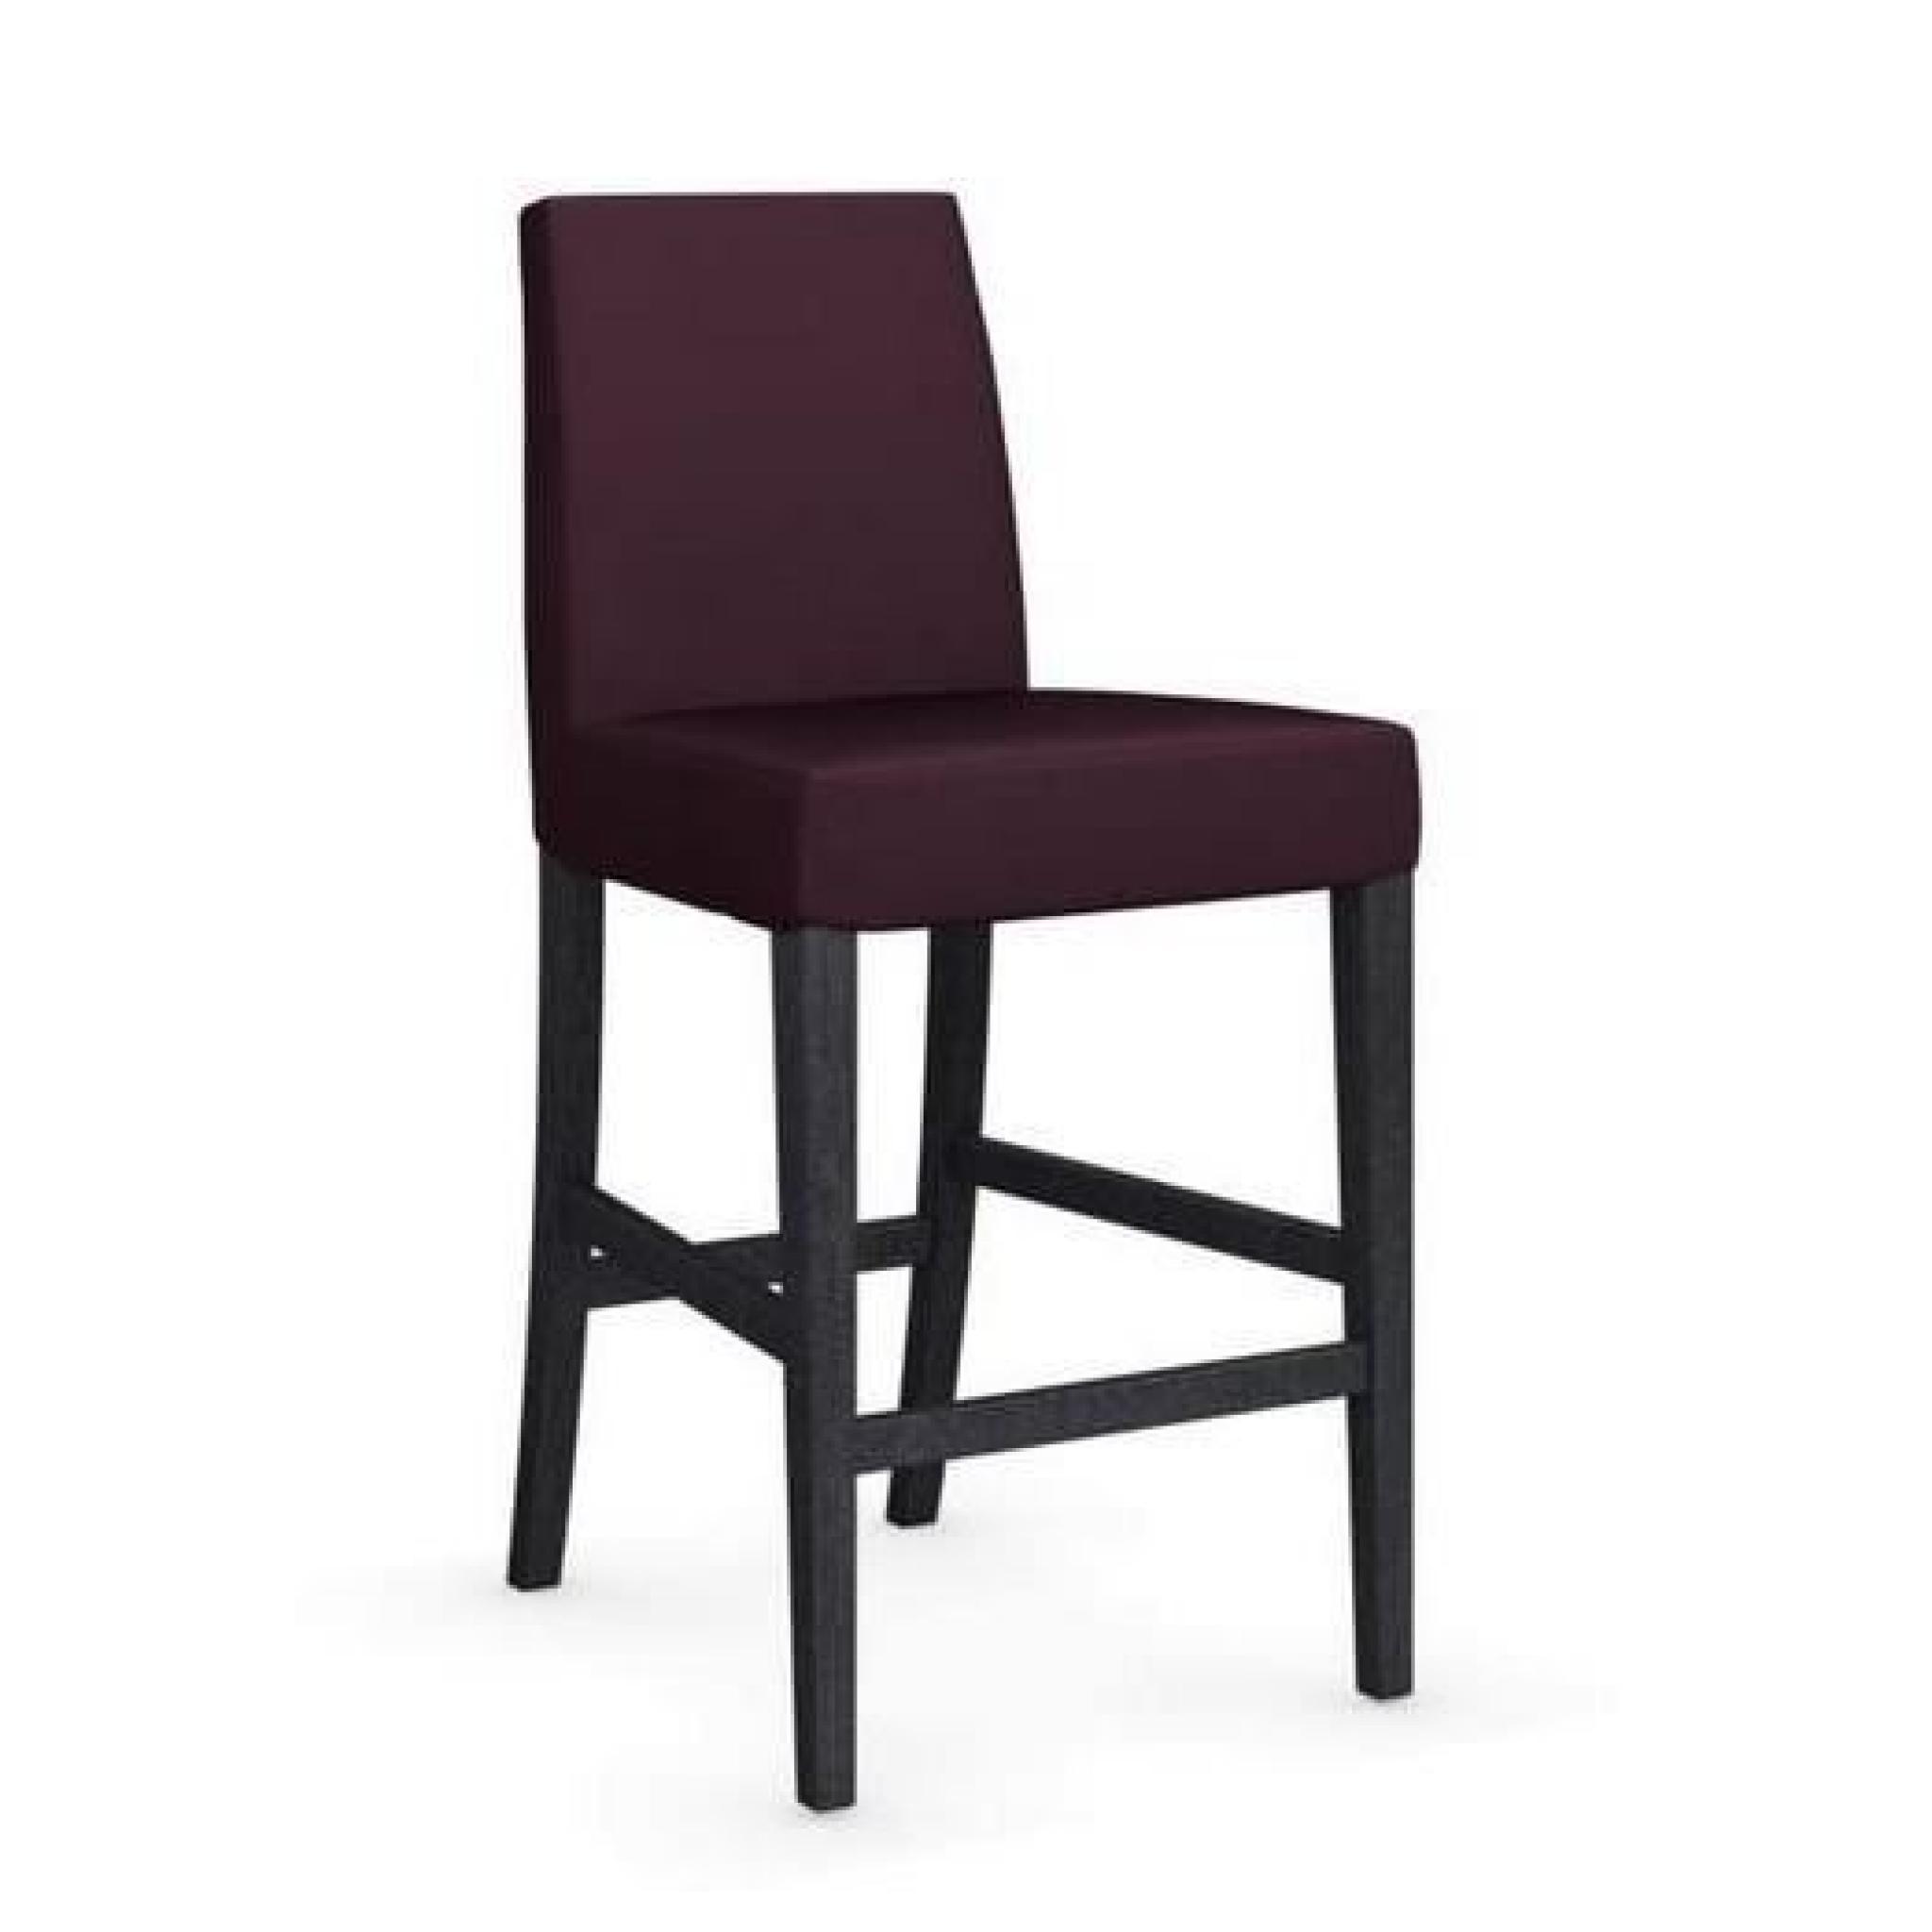 Chaise de bar latina de calligaris aubergine et achat vente tabouret de bar pas cher for Chaise bar couleur